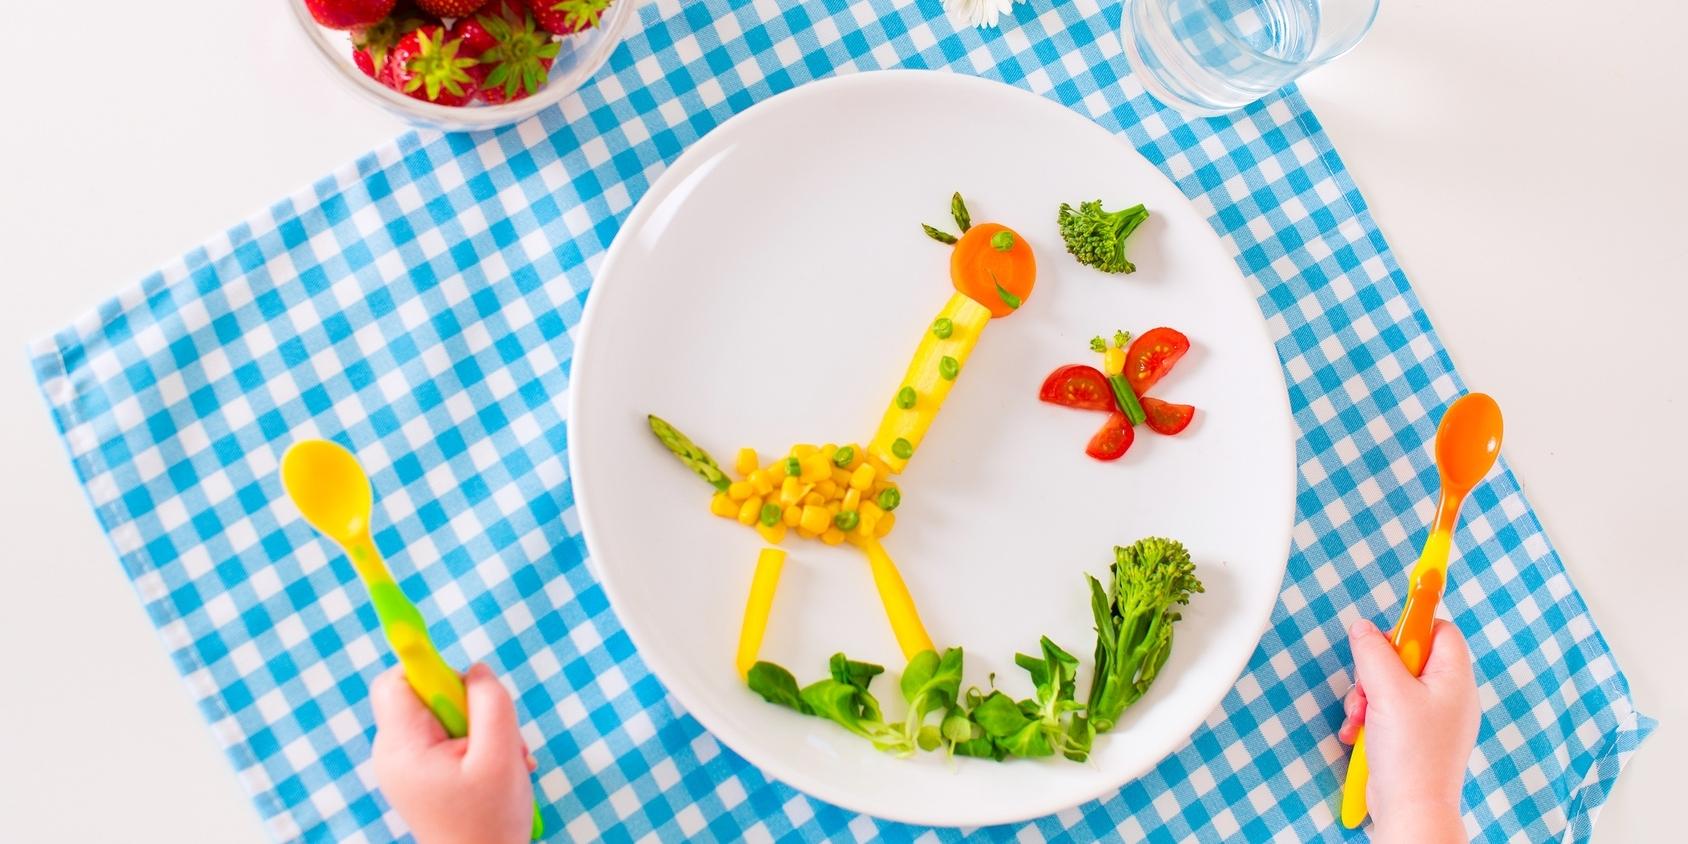 Питание ребенка в три года: режим, рацион, примерное меню на неделю